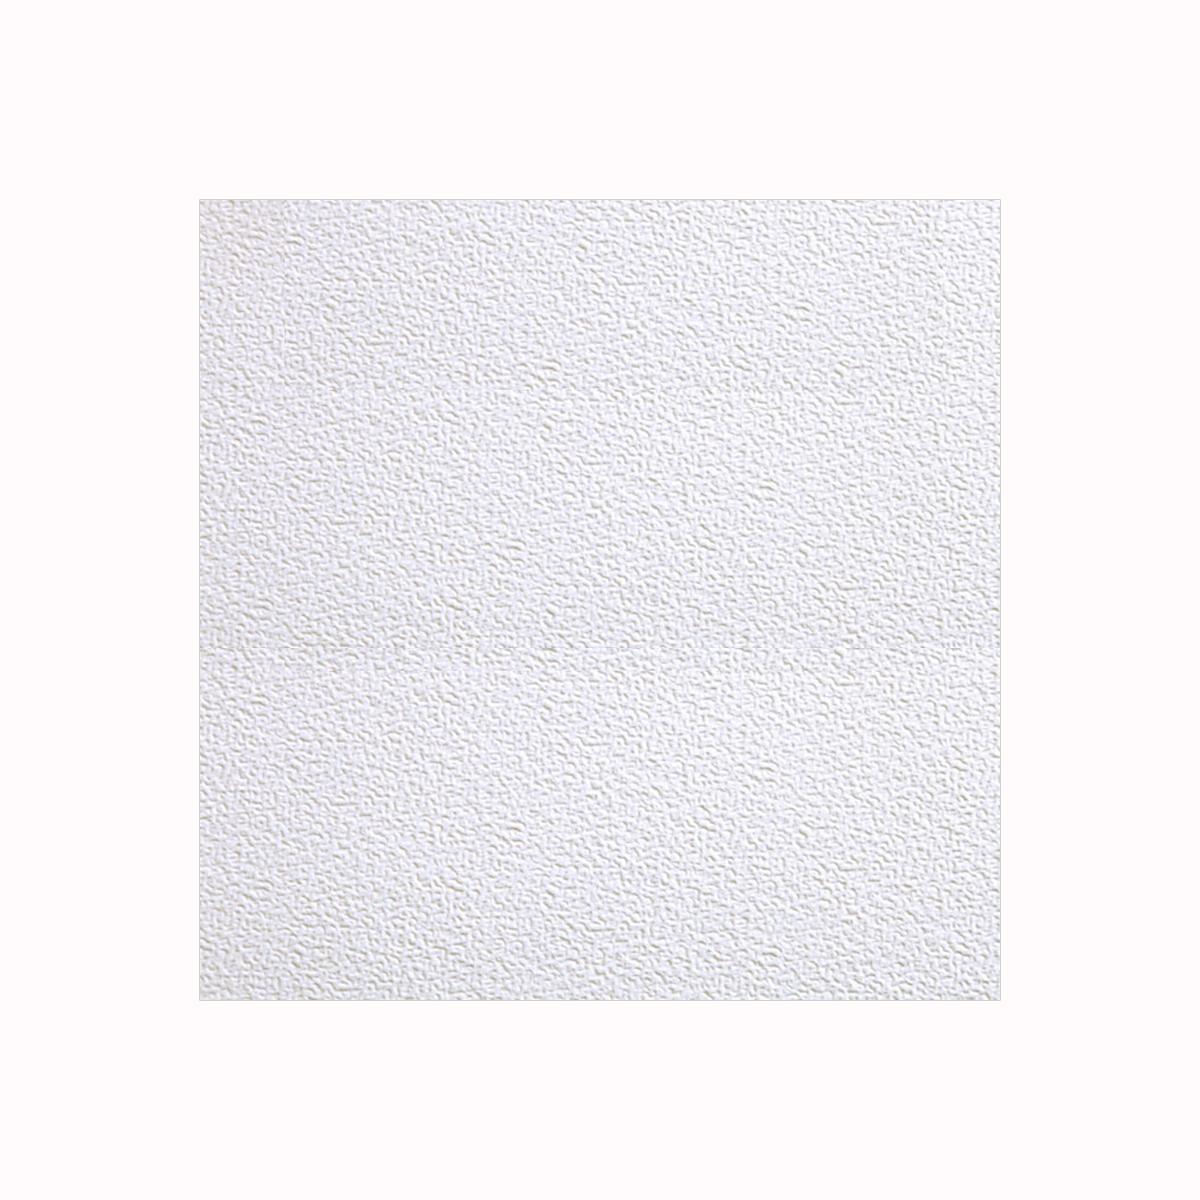 Бумага фактурная Лоза Яичная скорлупа, цвет: белый, 3 листа582217Фактурная бумага для скрапбукинга Лоза Яичная скорлупа позволит создать красивый альбом, фоторамку или открытку ручной работы, оформить подарок или аппликацию. Набор включает в себя 3 листа из плотной бумаги. Скрапбукинг - это хобби, которое способно приносить массу приятных эмоций не только человеку, который этим занимается, но и его близким, друзьям, родным. Это невероятно увлекательное занятие, которое поможет вам сохранить наиболее памятные и яркие моменты вашей жизни, а также интересно оформить интерьер дома.